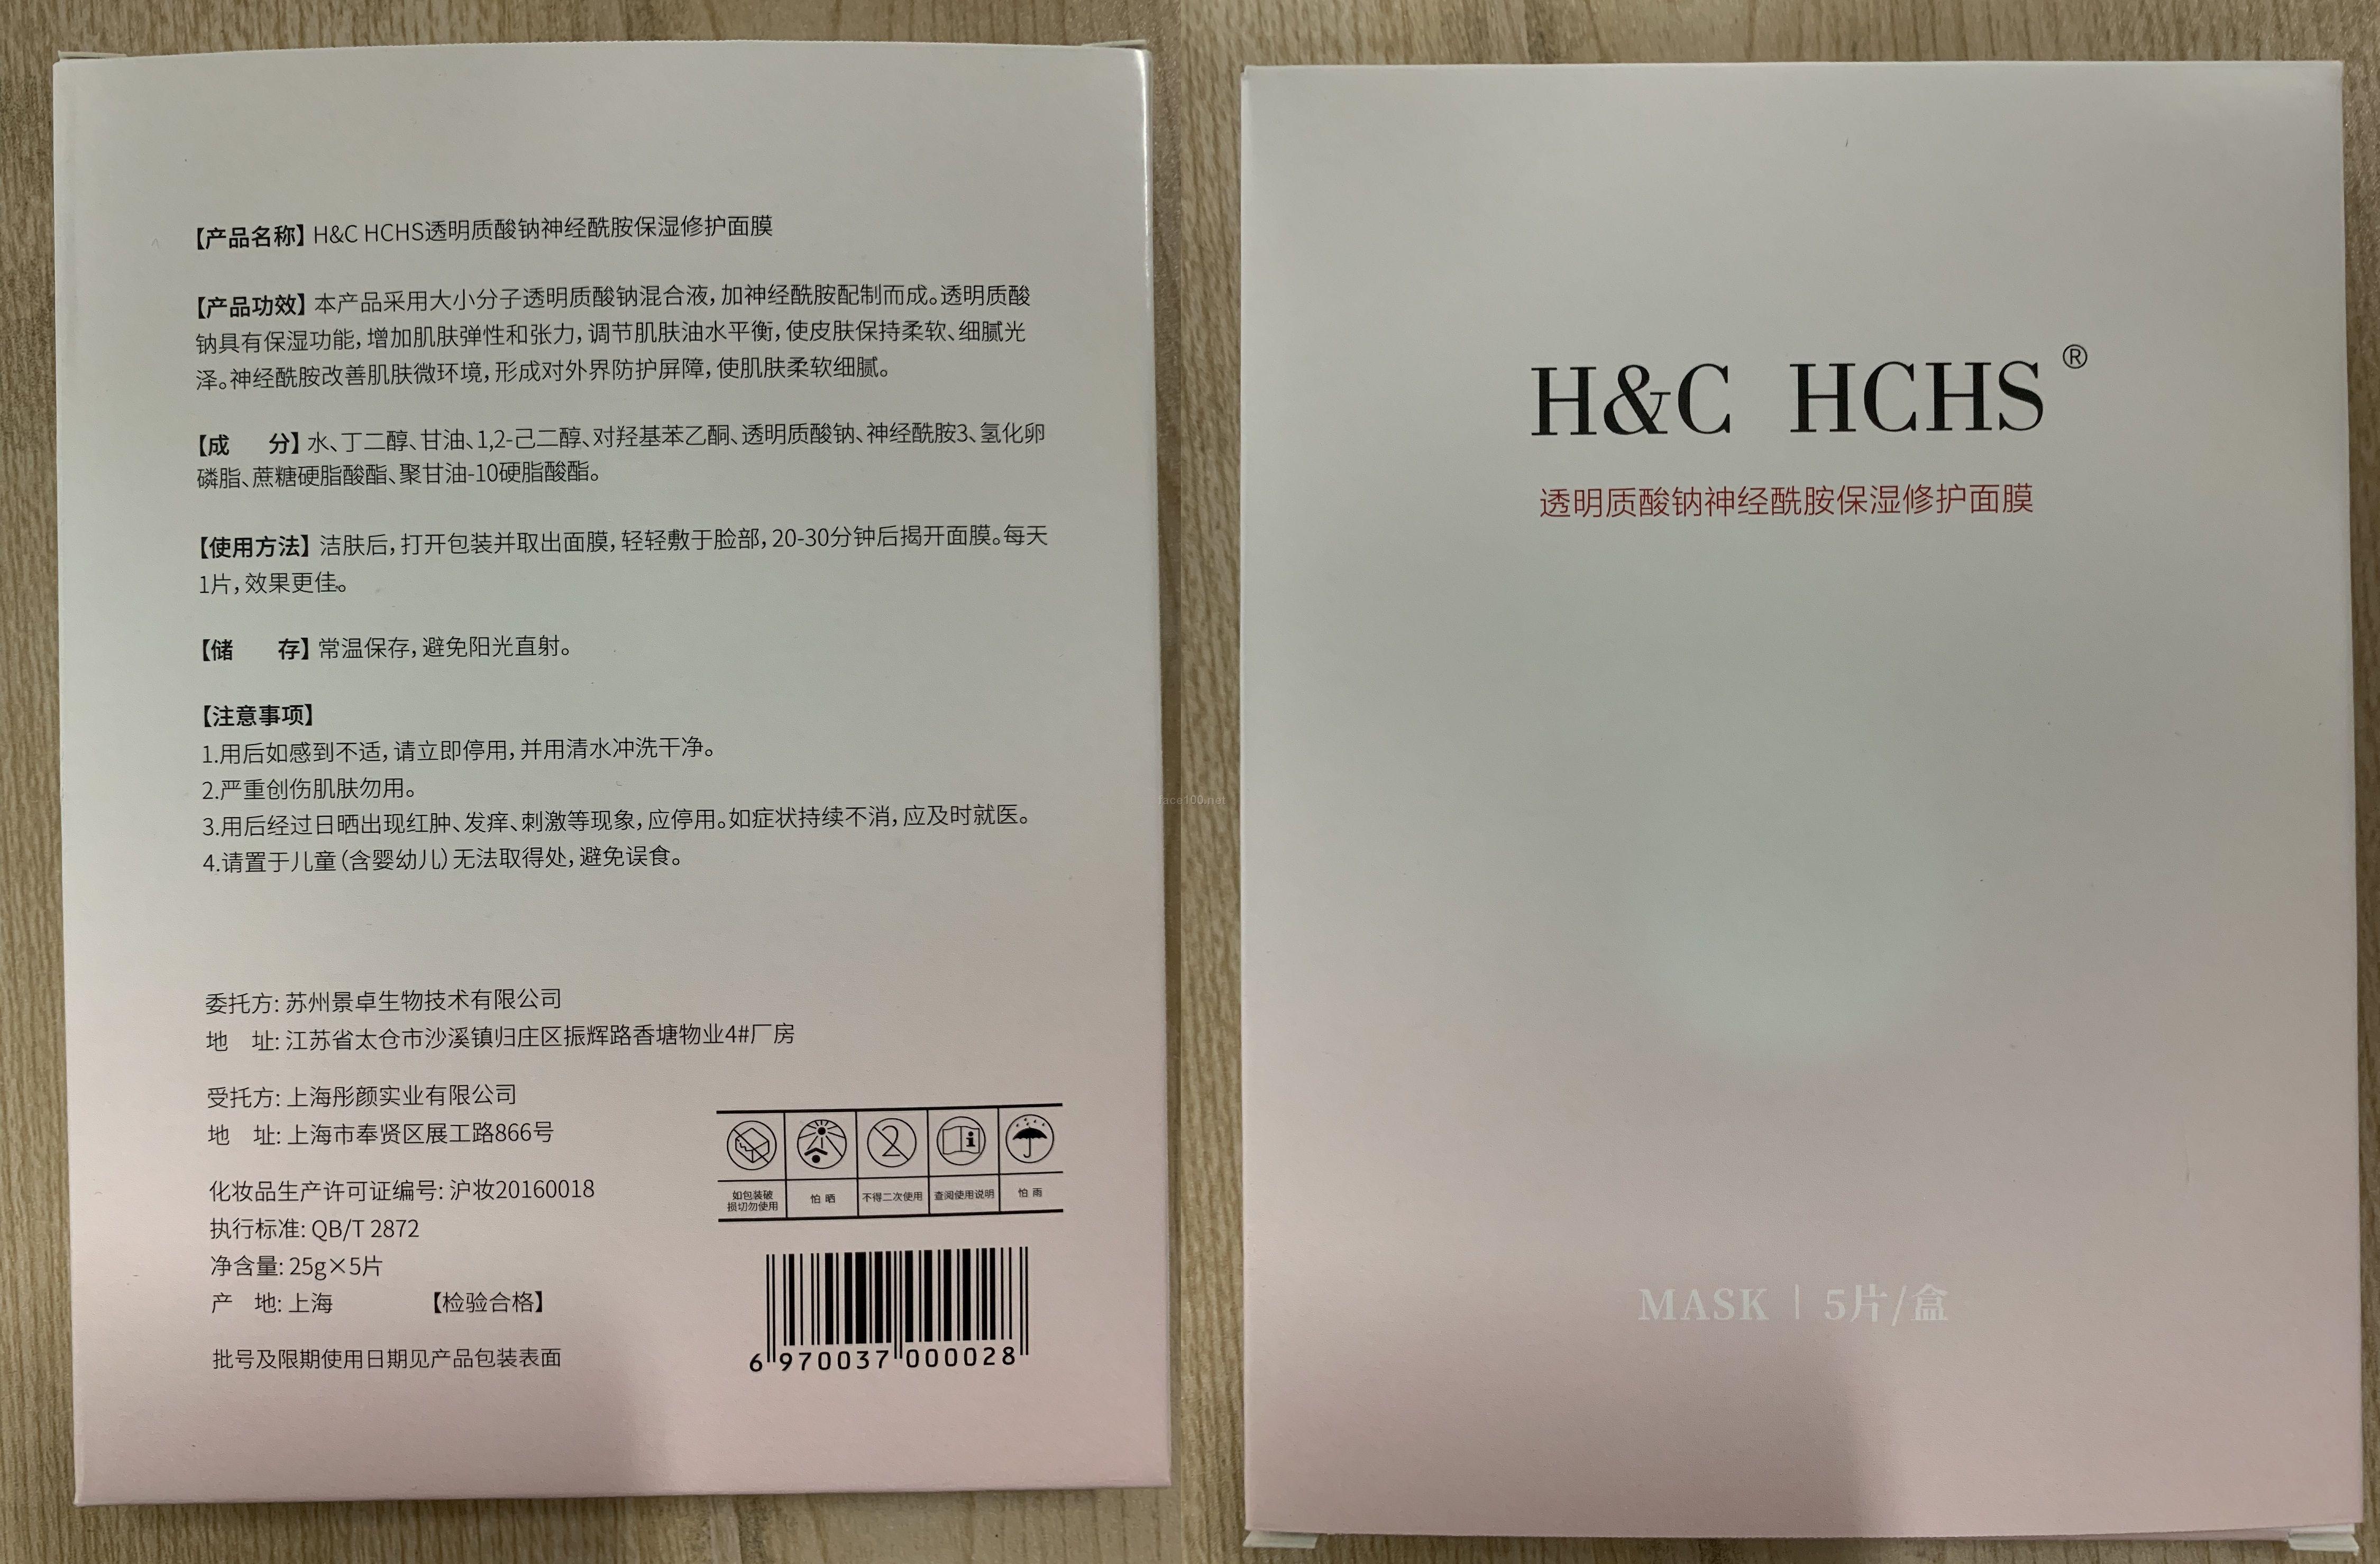 H&C HCHS透明质酸钠神经酰胺保湿修护面膜H&C HCHS